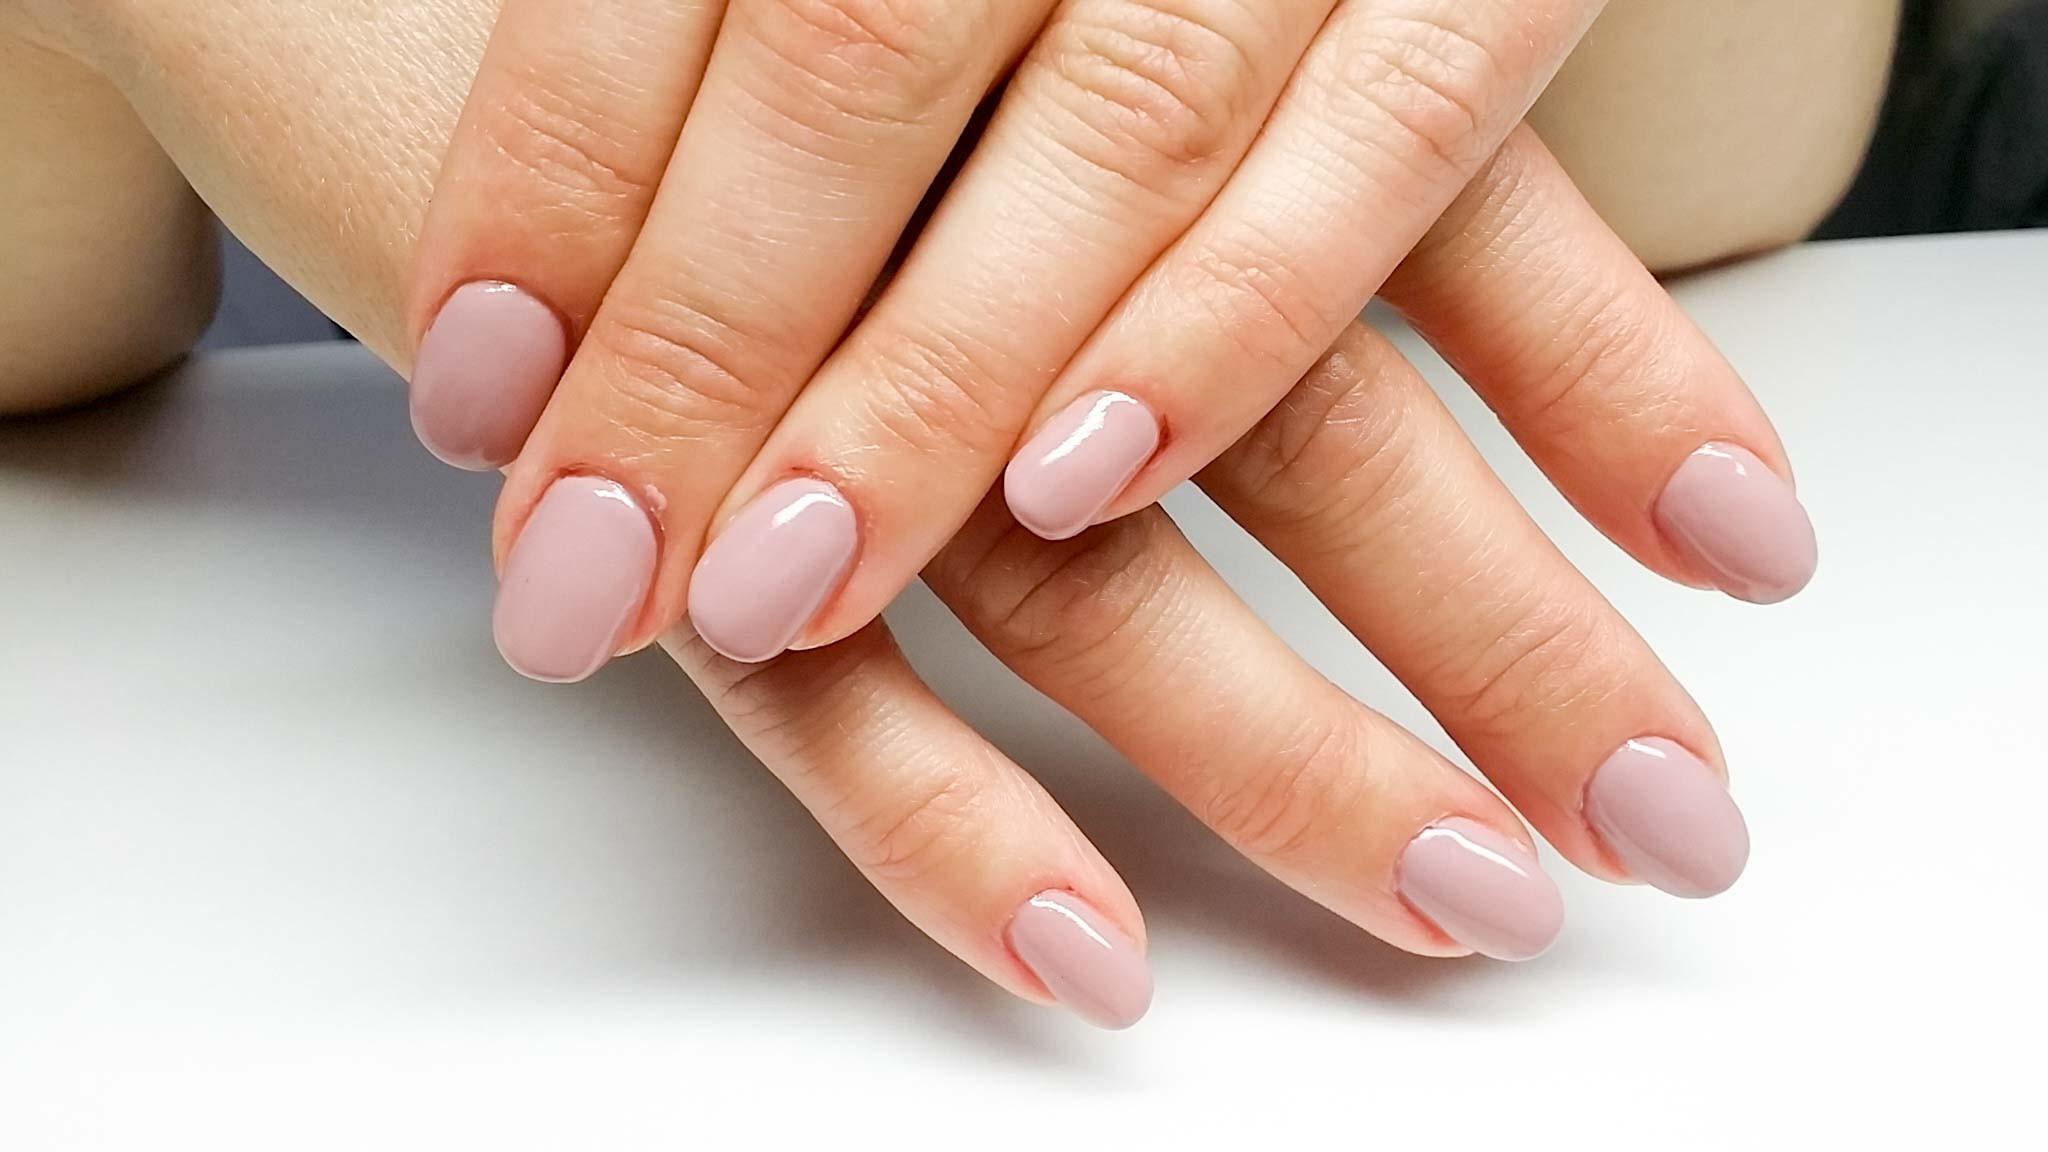 Maniküre Natürlich  ST Nails Nagelstudio I Maniküre Nageldesign Paraffinbad